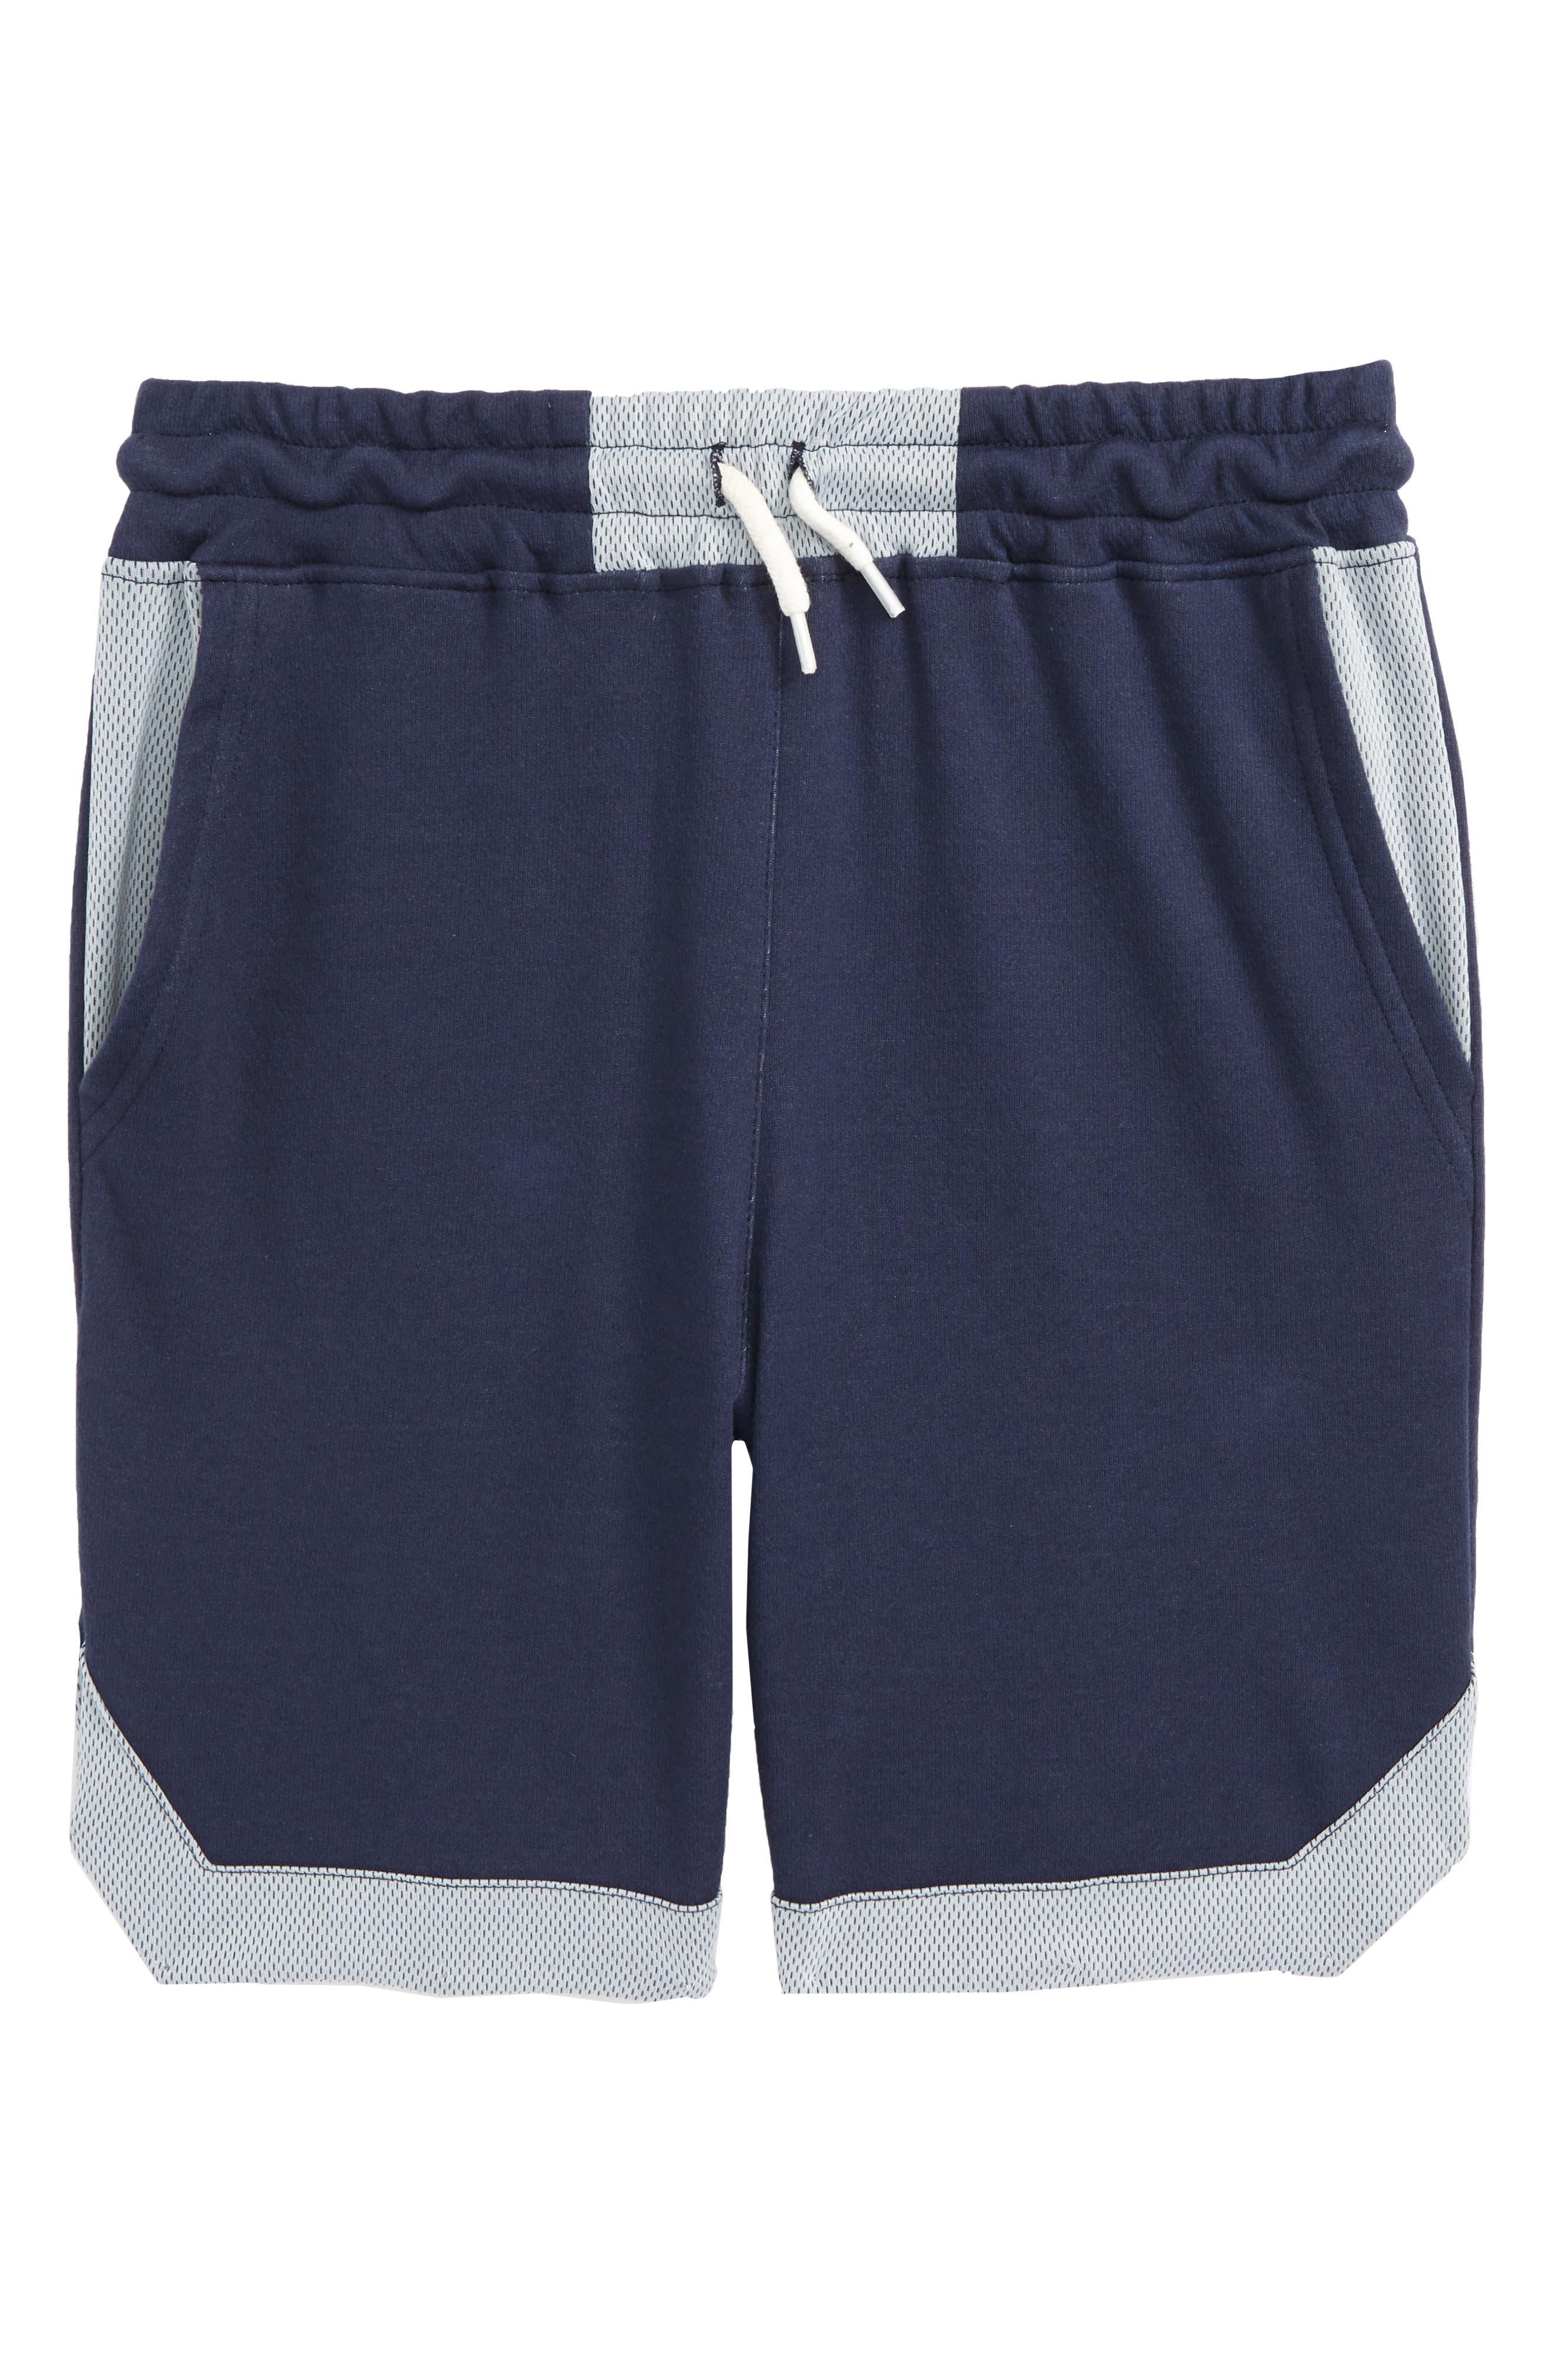 Paneled Shorts,                             Main thumbnail 1, color,                             420